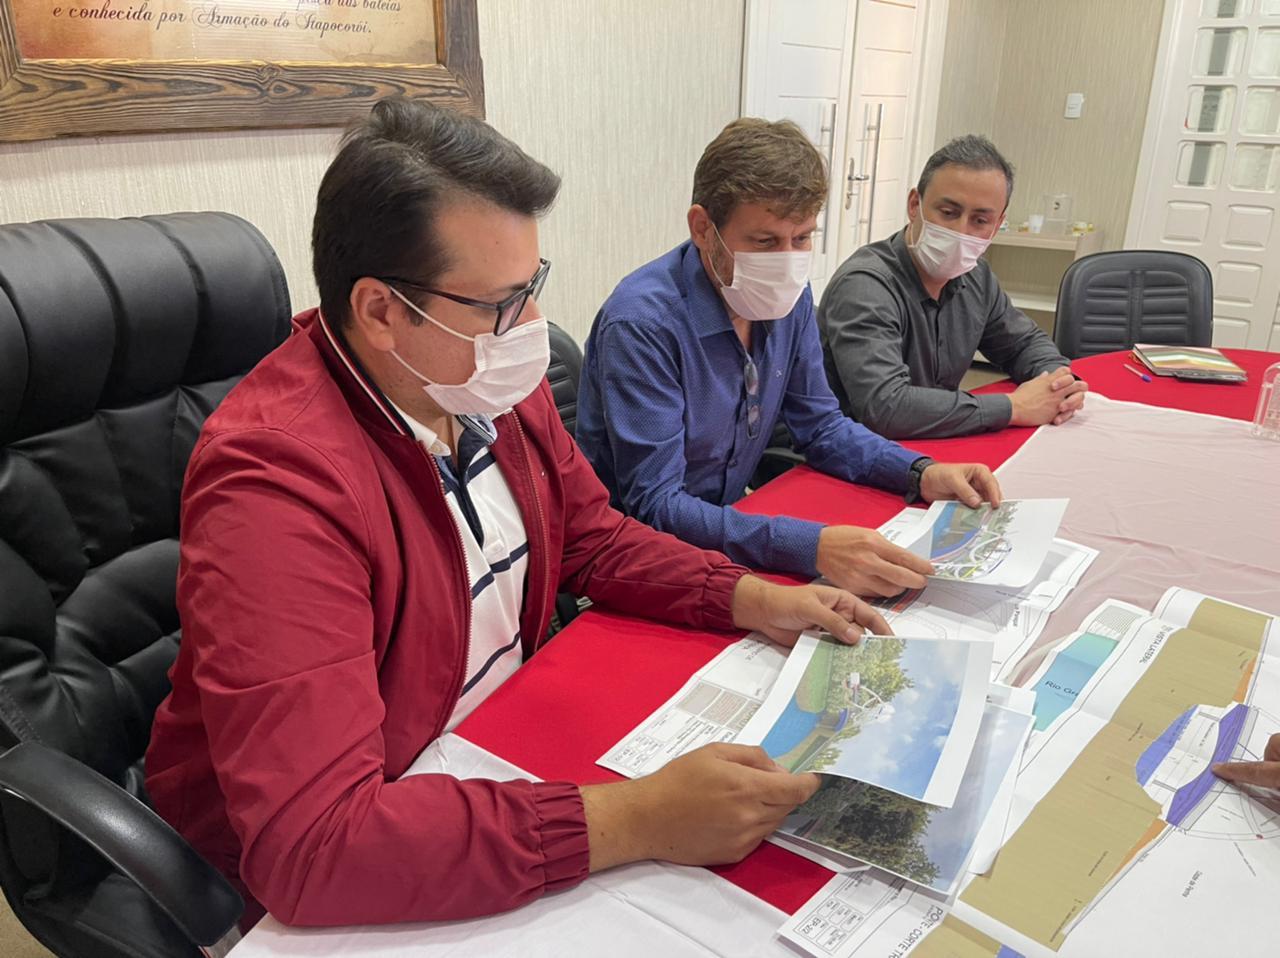 Infraestrutura: Navegantes e Penha aprovam projeto arquitetônico para construção de nova ponte entre os municípios